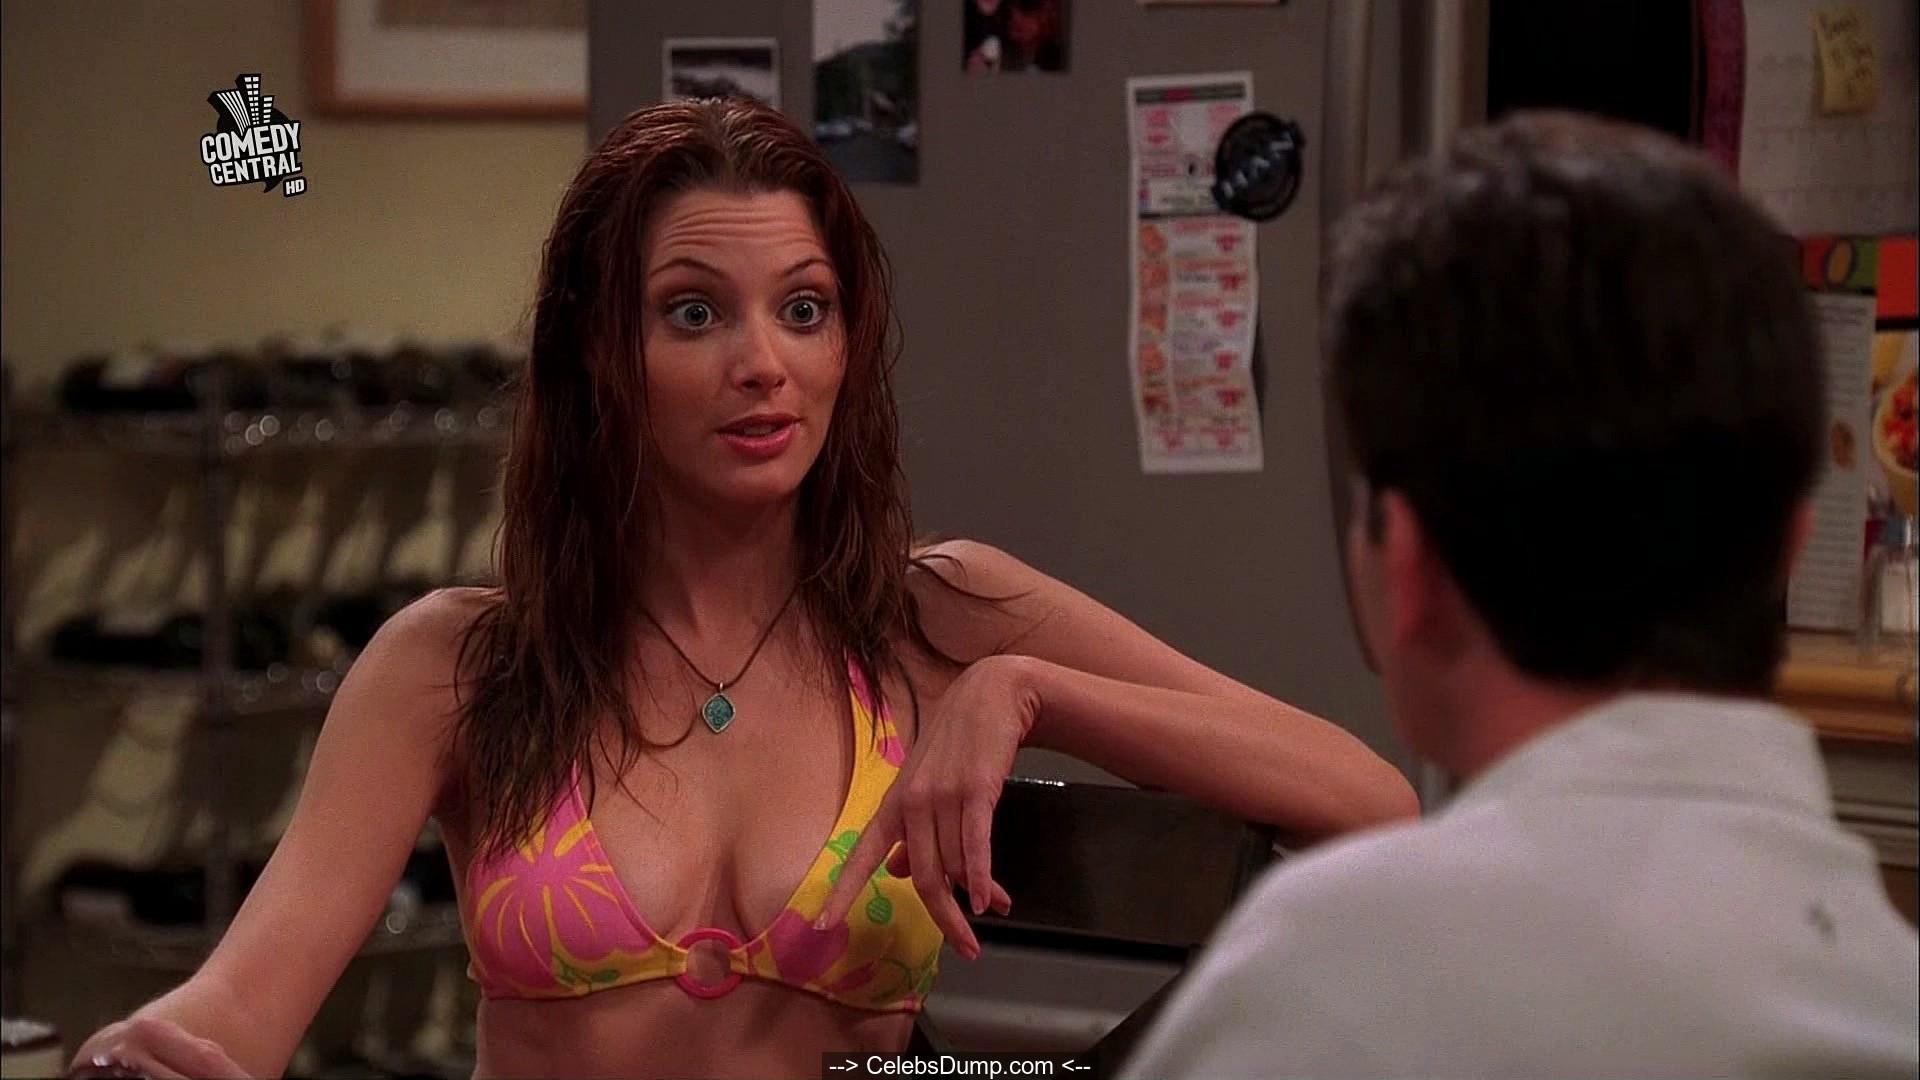 April bowlby hot tits